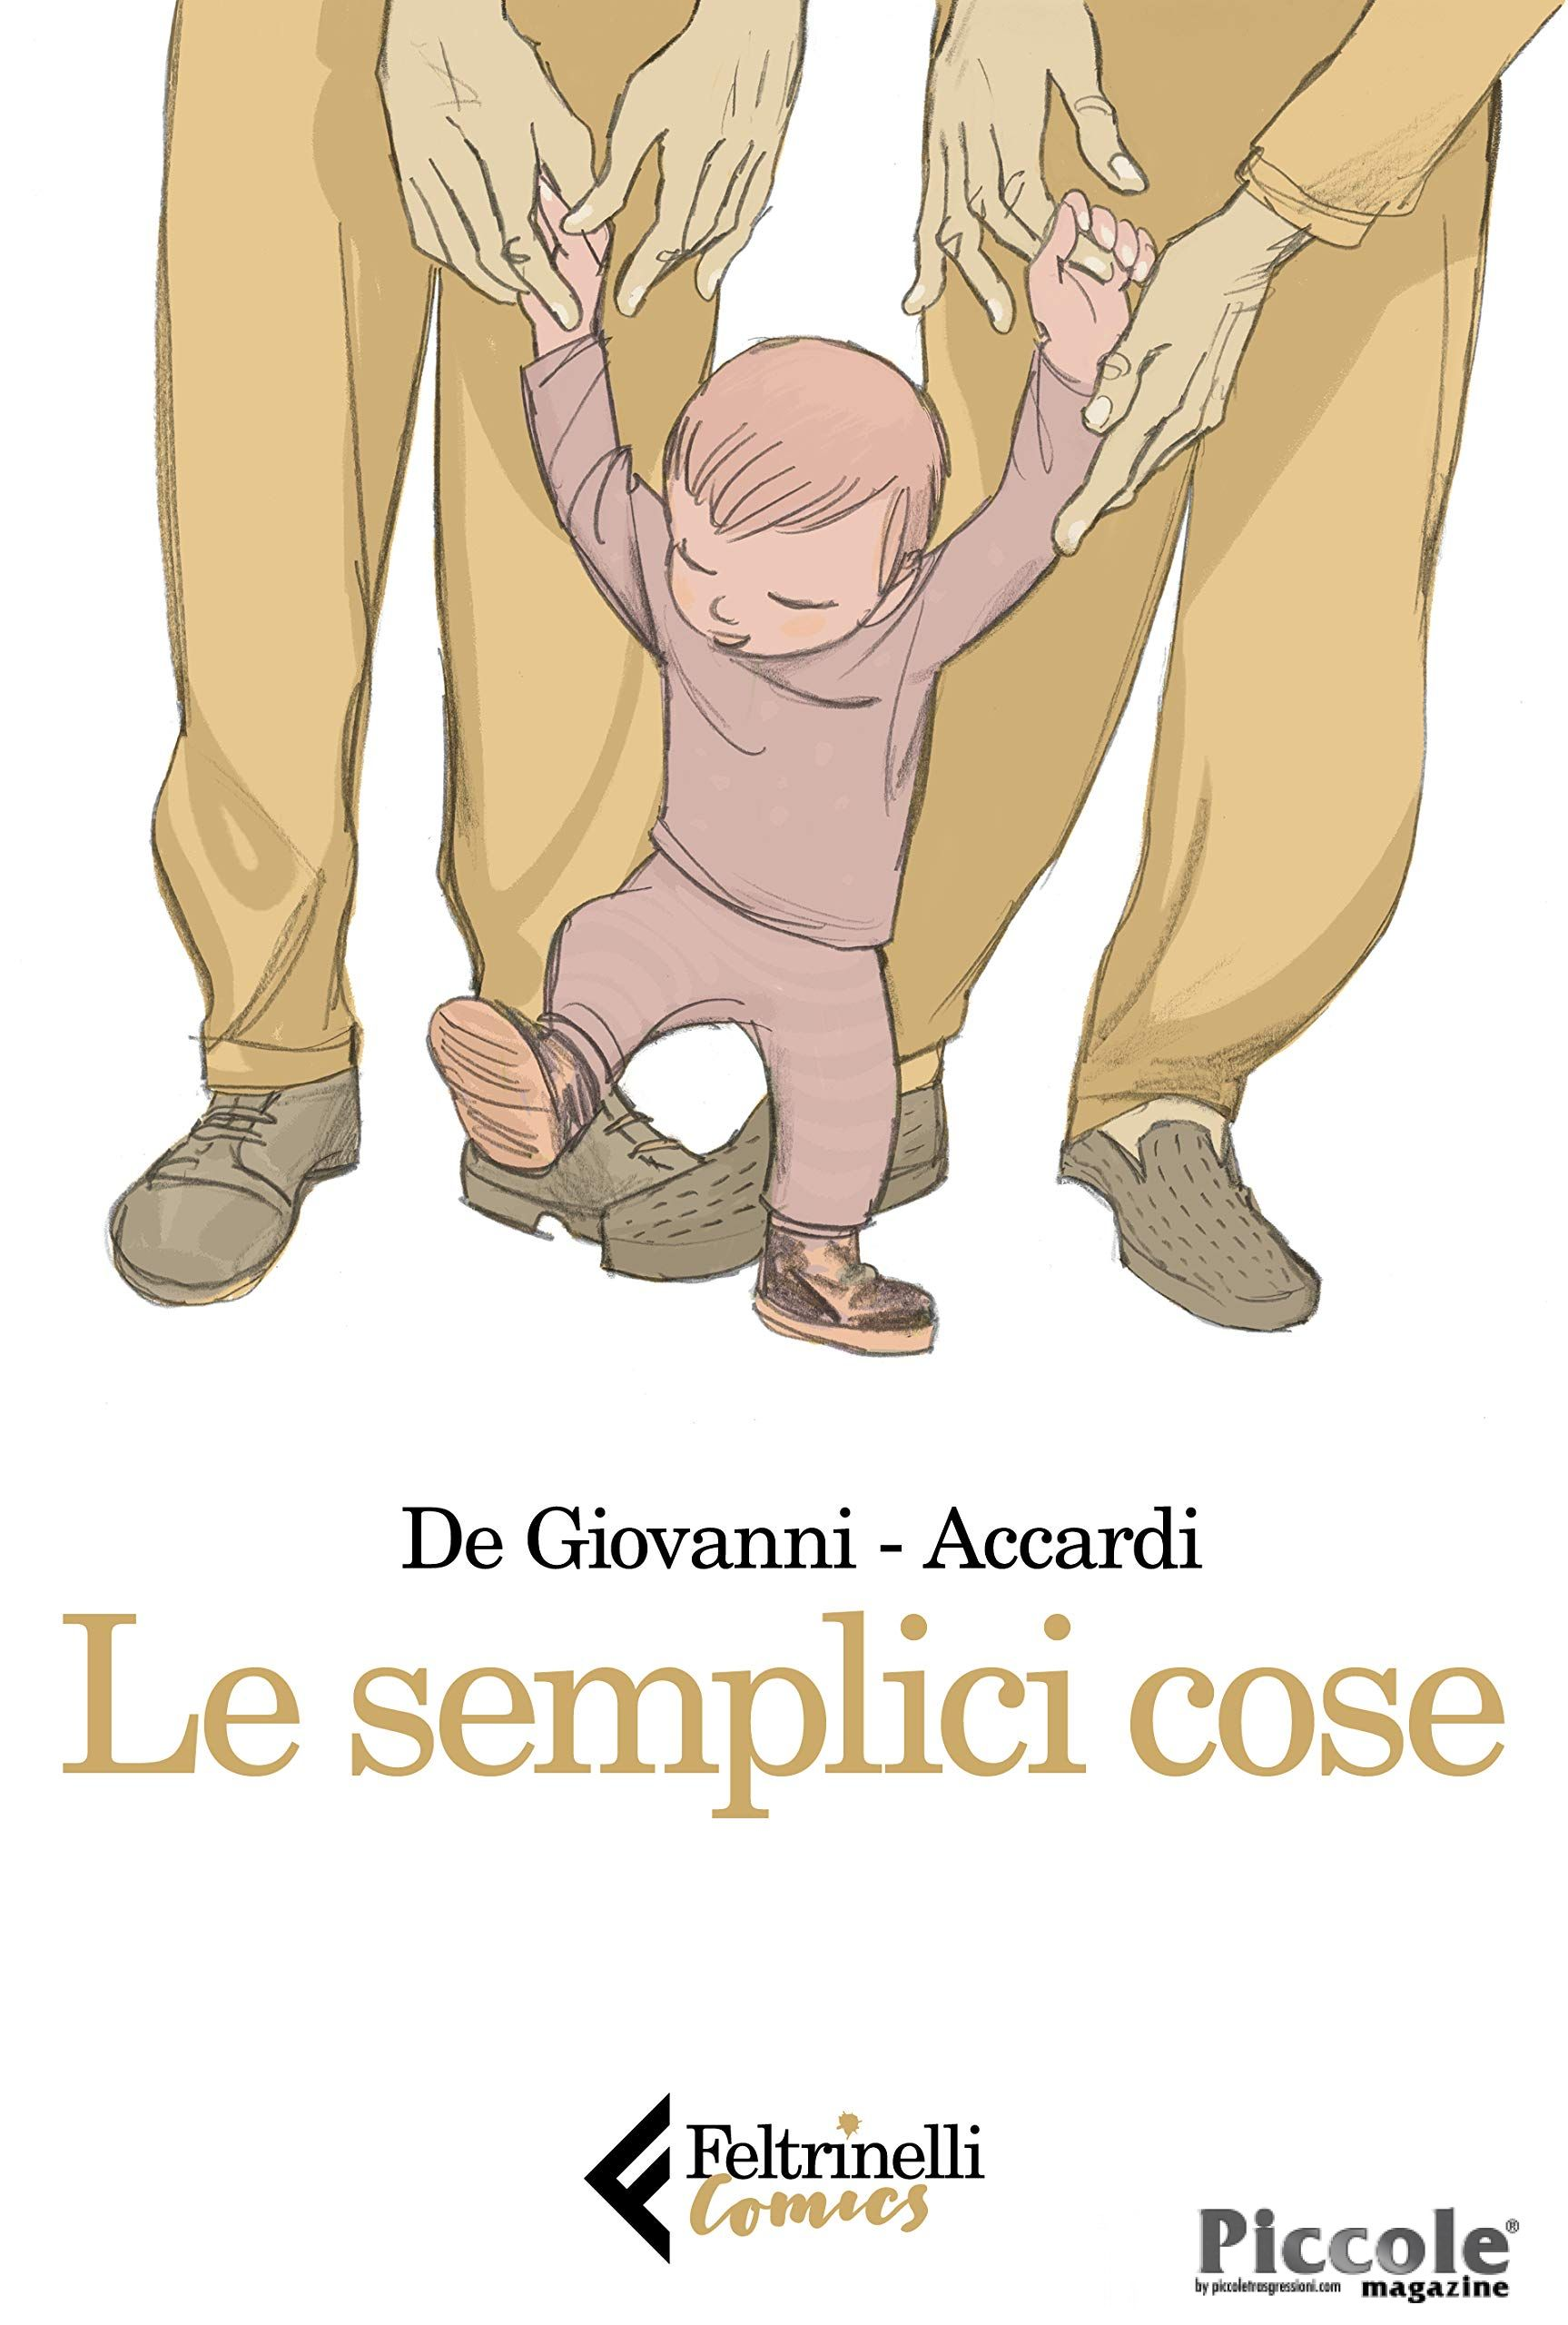 Le semplici cose di Massimiliano De Giovanni e Andrea Accardi